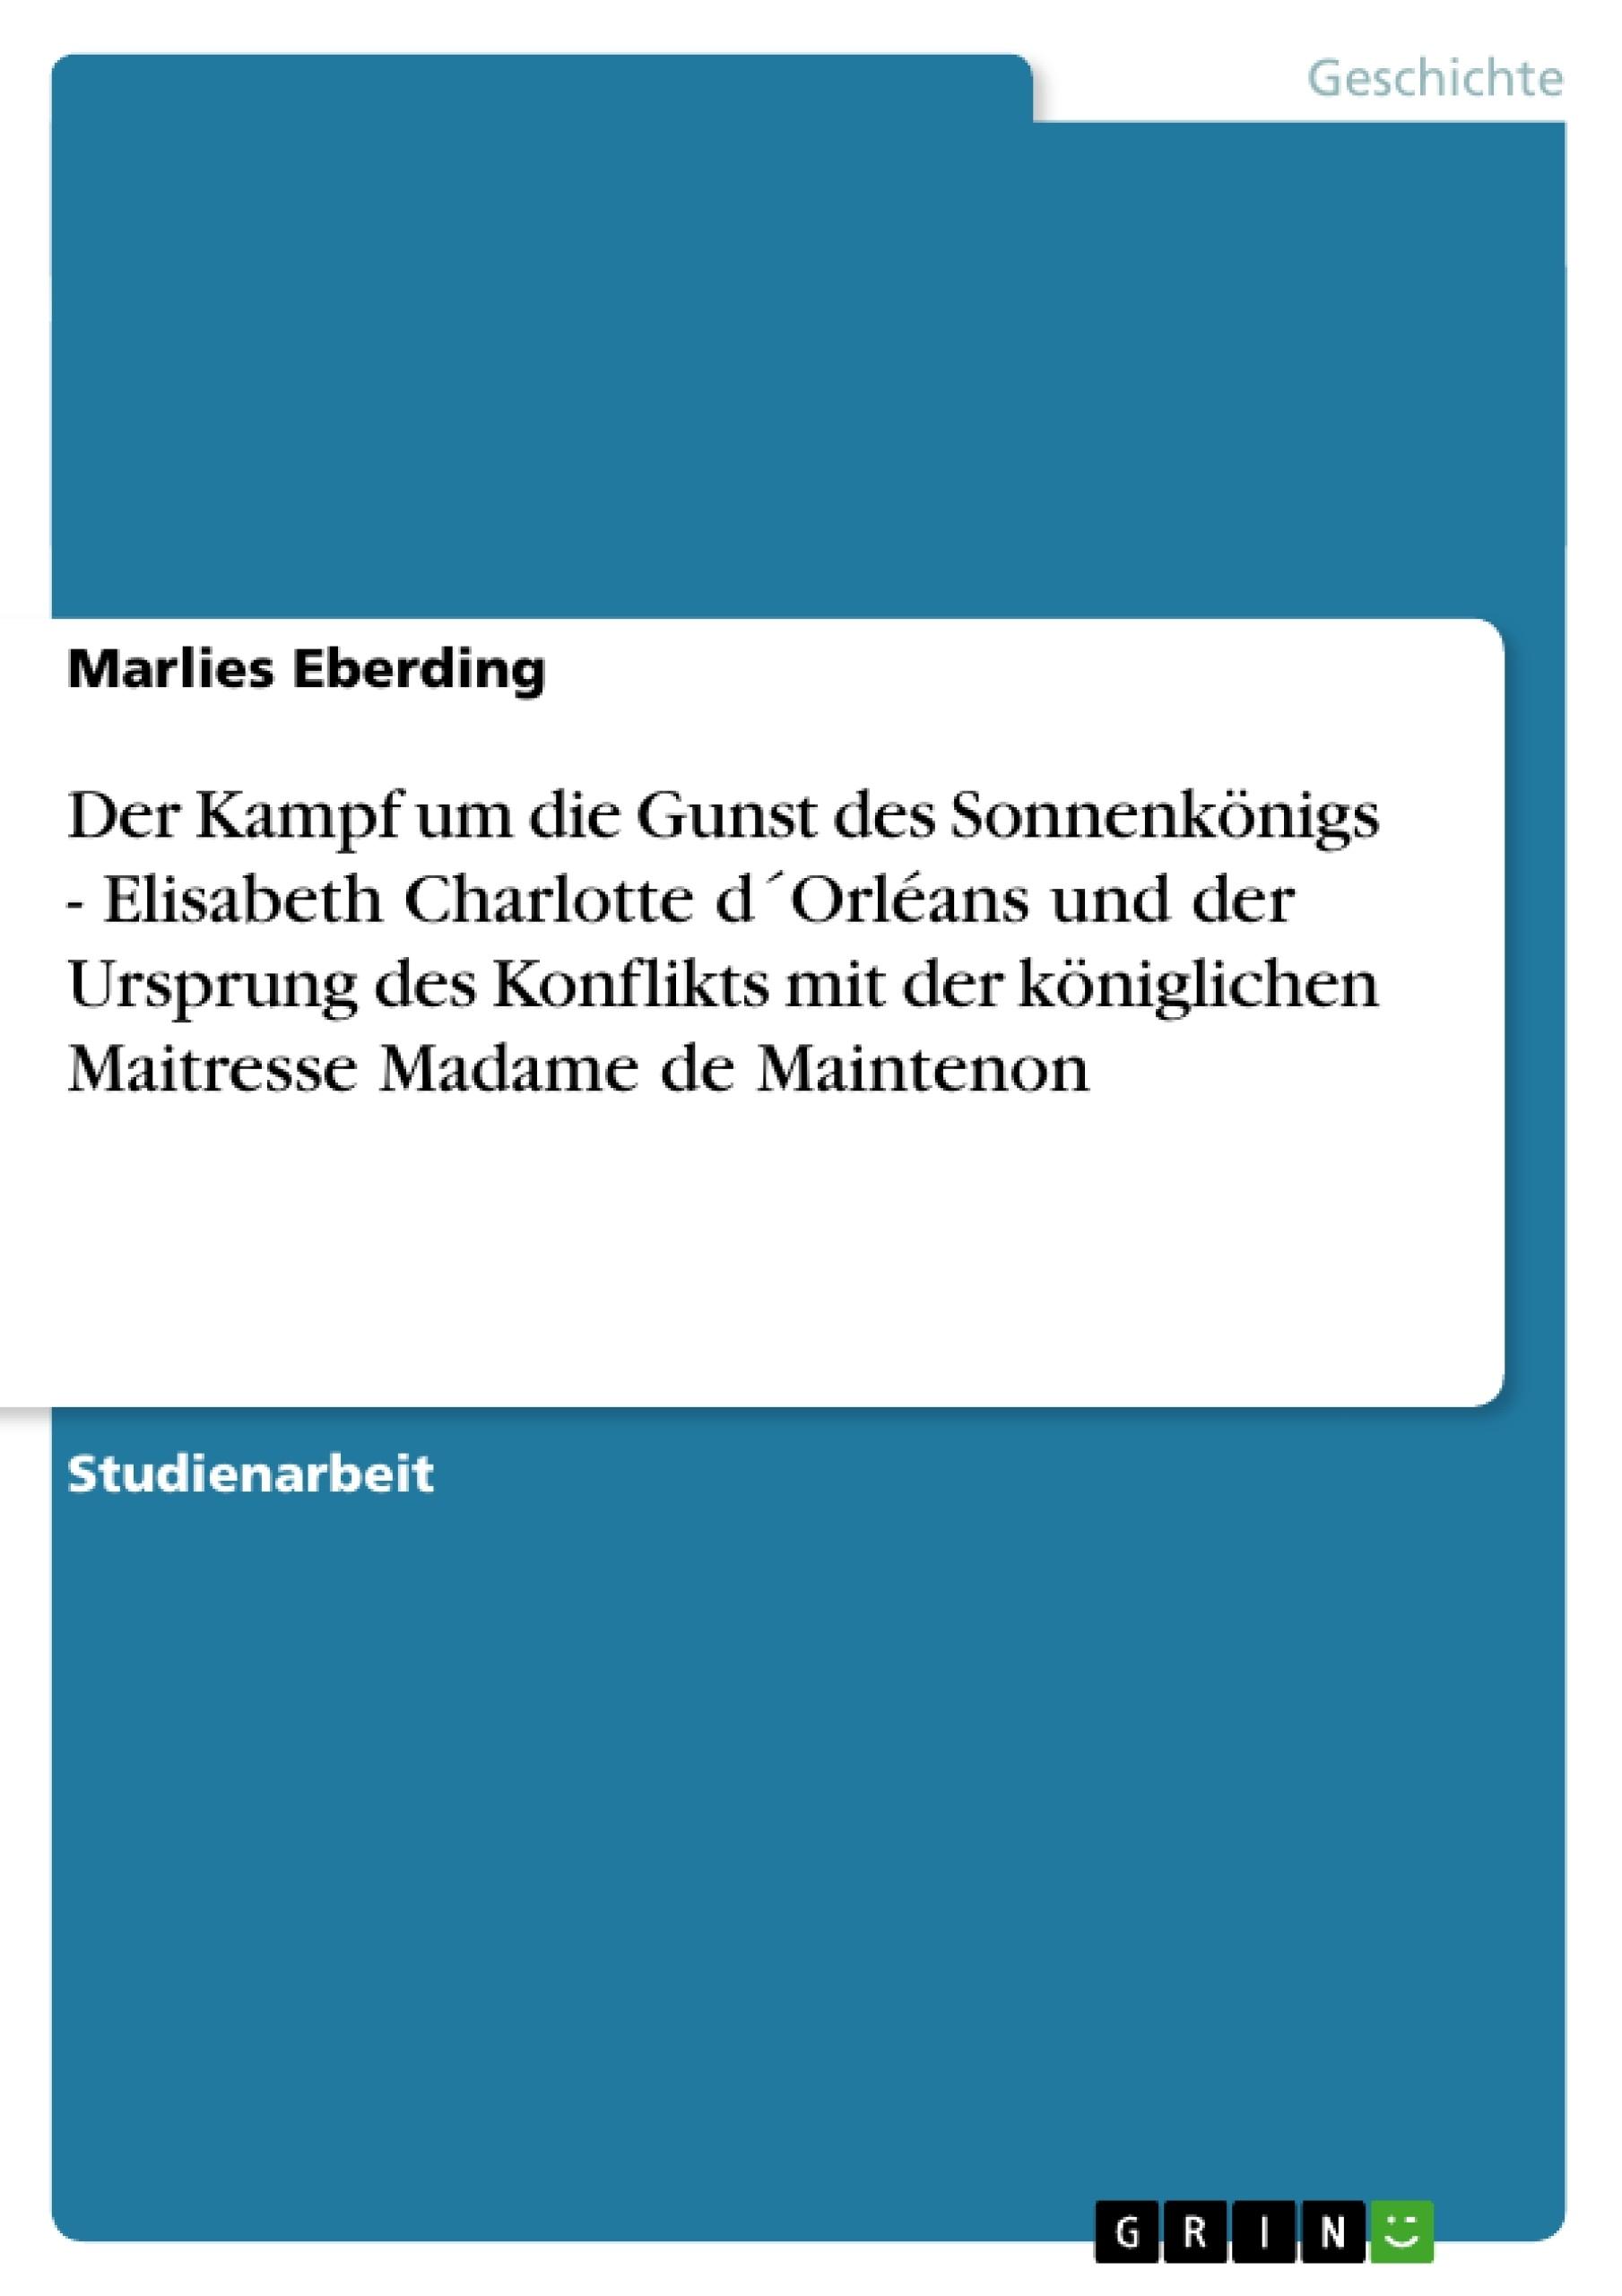 Titel: Der Kampf um die Gunst des Sonnenkönigs - Elisabeth Charlotte d´Orléans und der Ursprung des Konflikts mit der königlichen Maitresse Madame de Maintenon